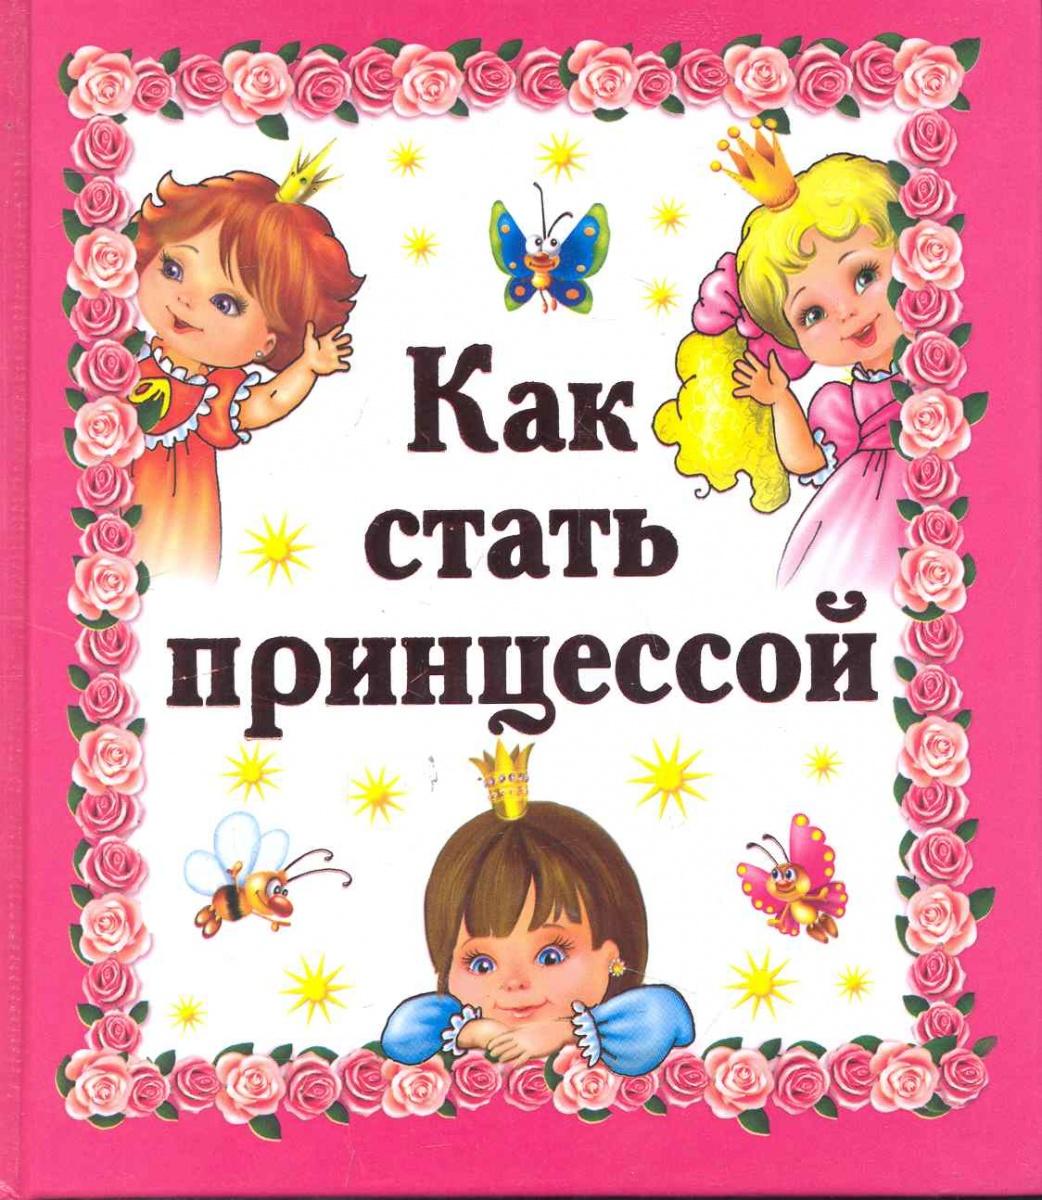 Дмитриева В. Как стать принцессой дмитриева в как стать настоящей принцессой isbn 9785271346712